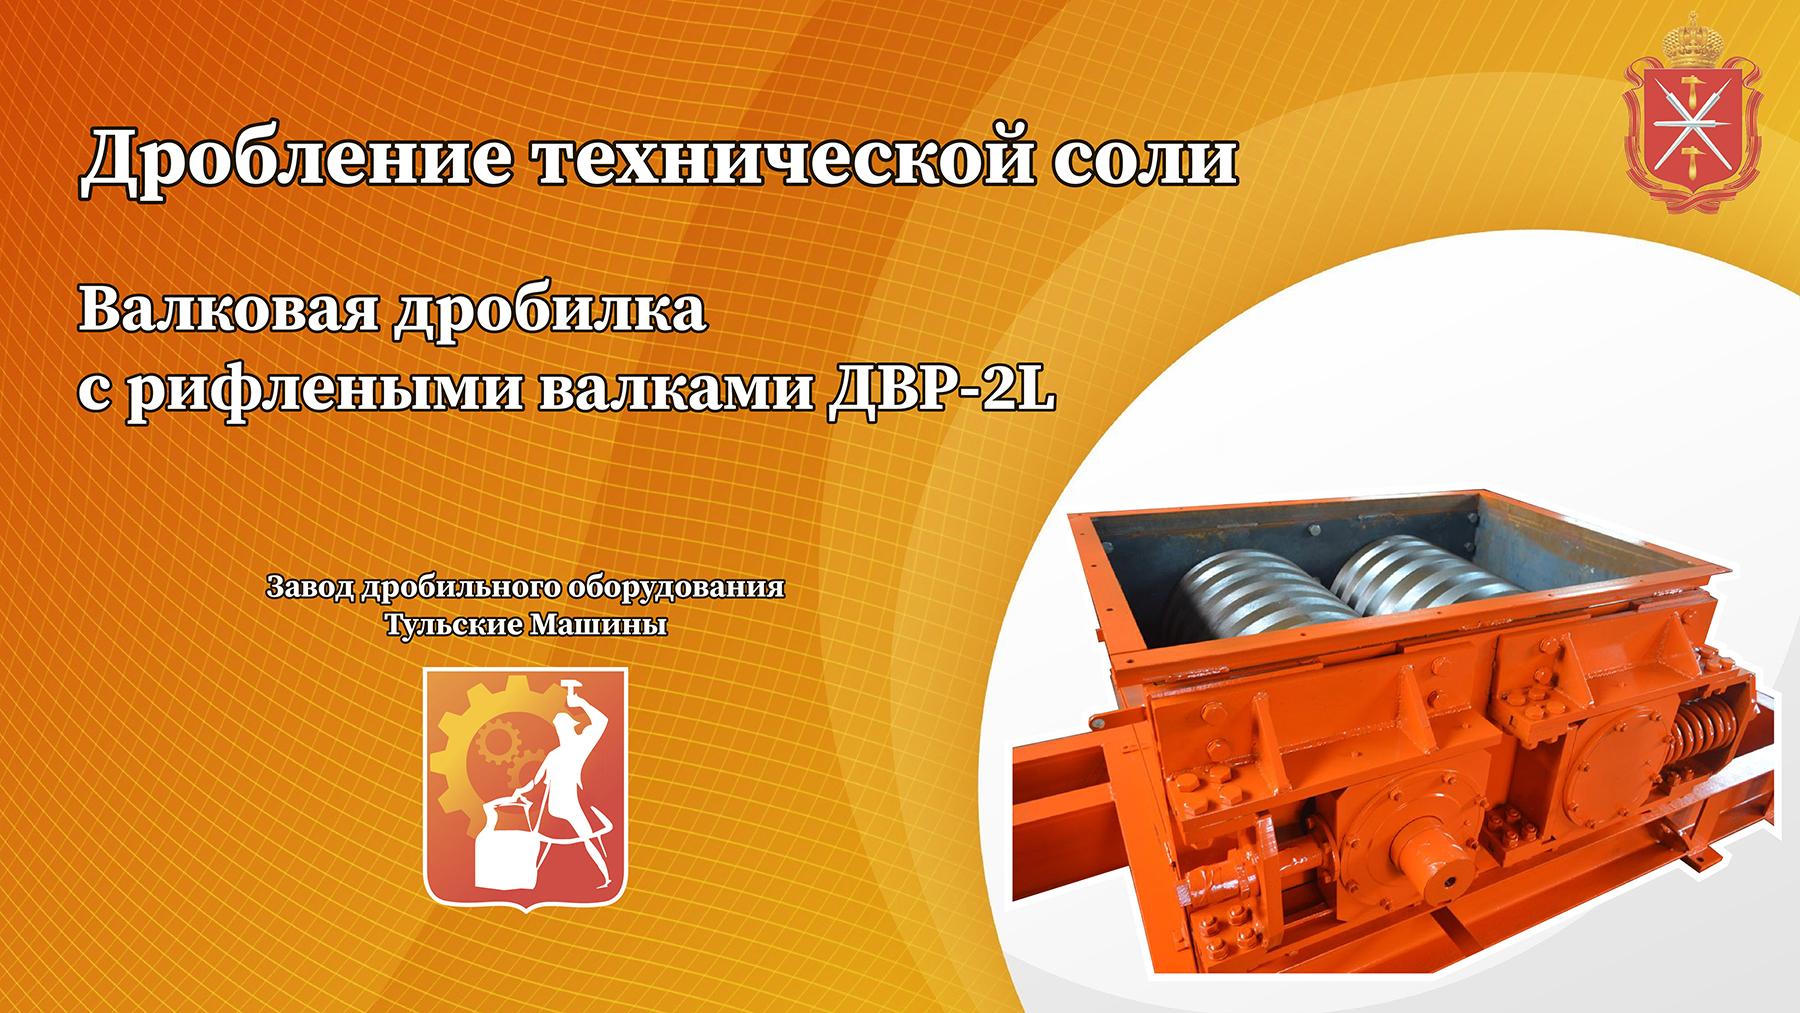 Дробление технической соли. Валковая дробилка ДВР 2L